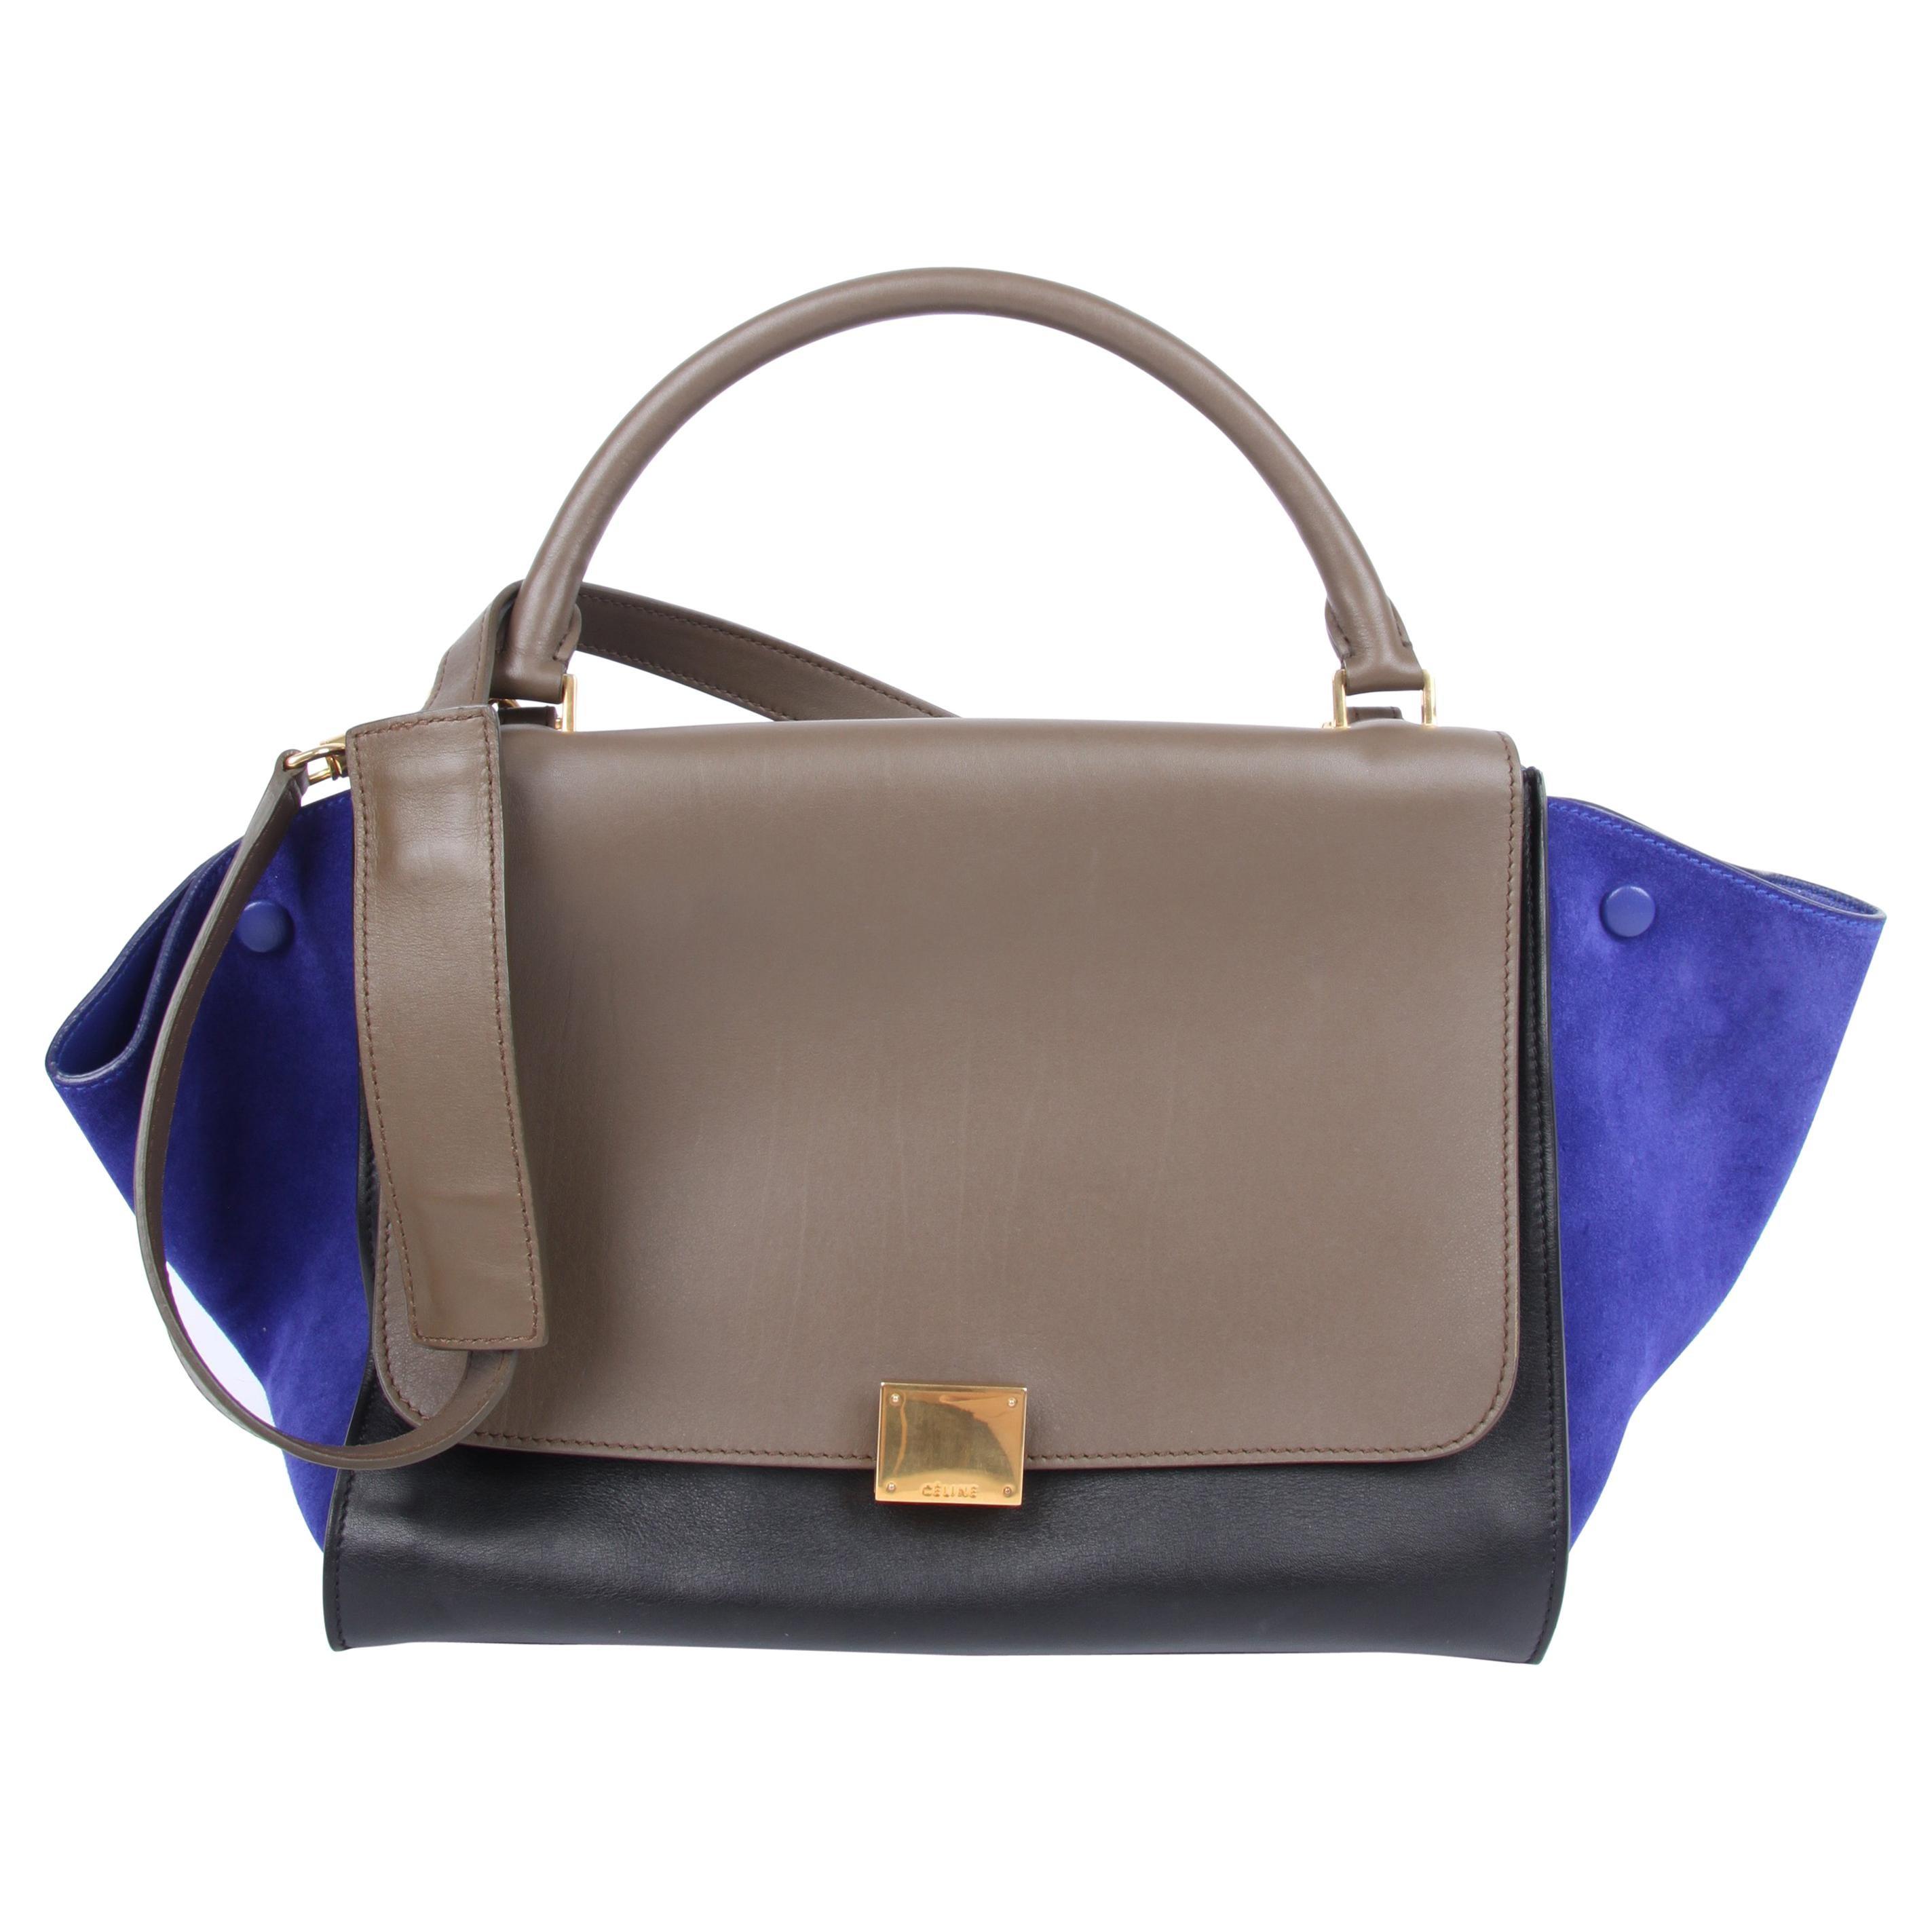 fee044382 Celine Tricolor Trapeze Shoulder Bag - taupe/black/blue For Sale at 1stdibs